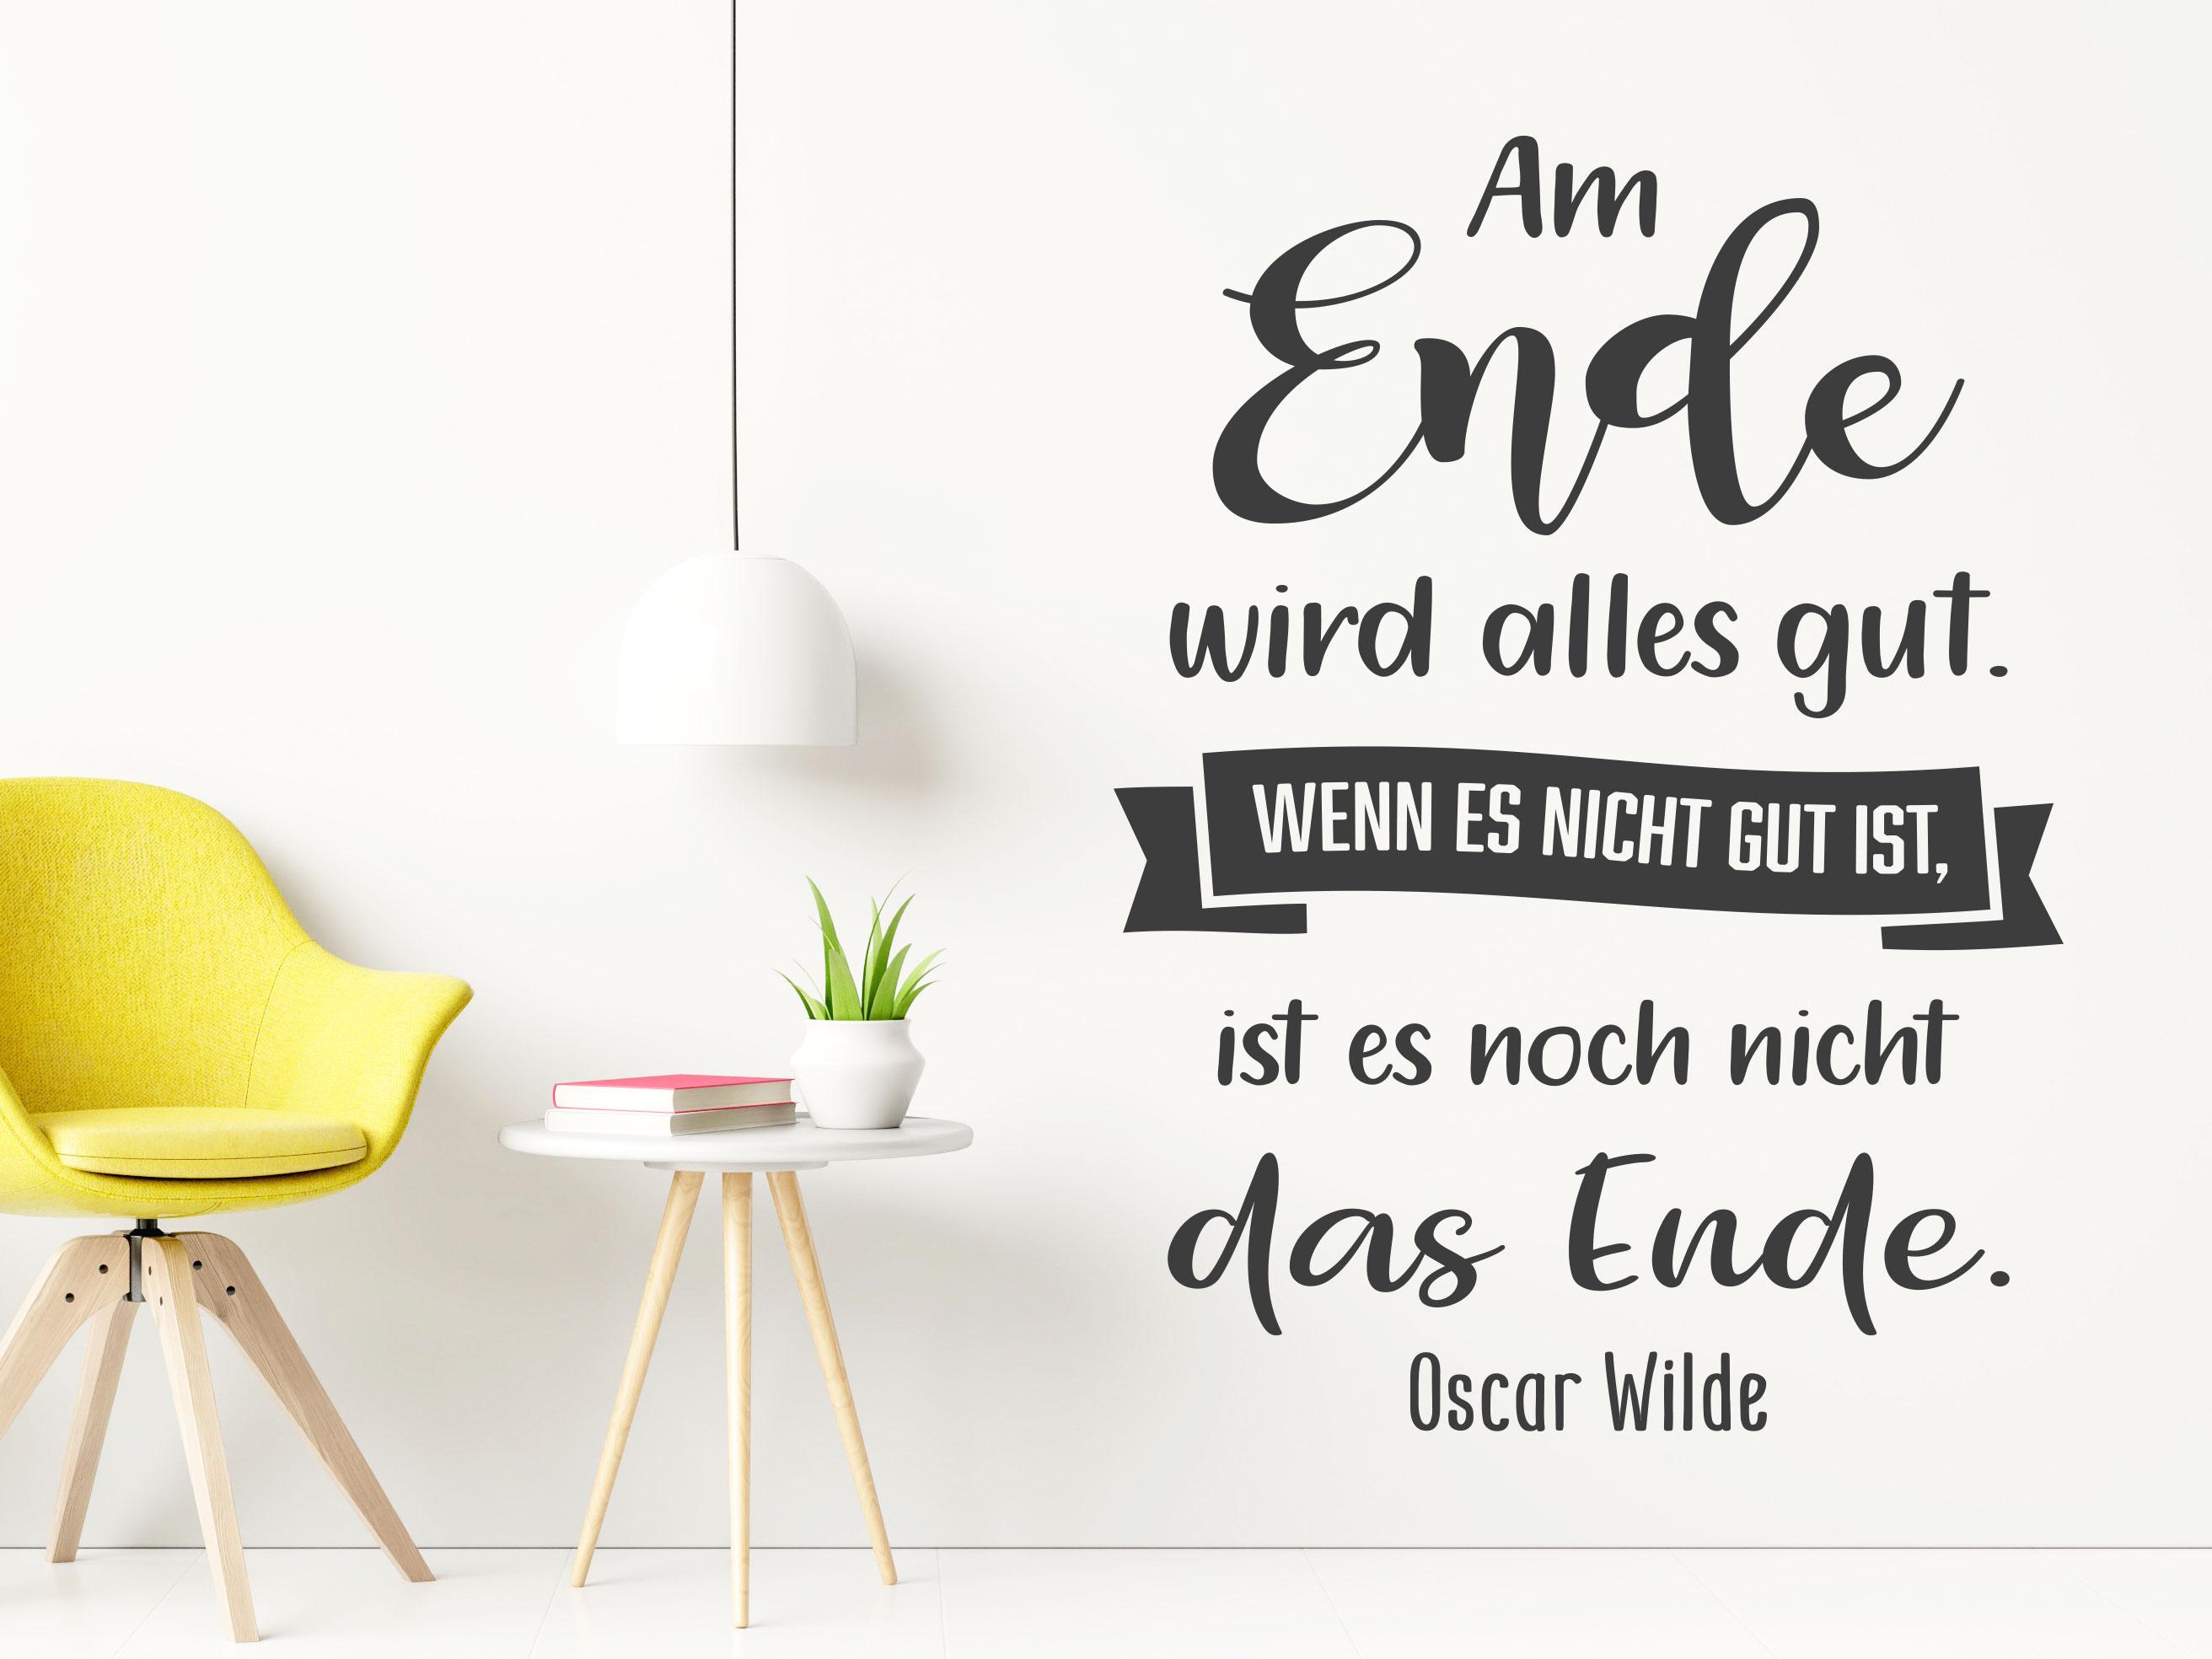 Wandtattoo Am Ende wird alles gut sein. Wenn es nicht gut ist, ist es nicht das Ende.